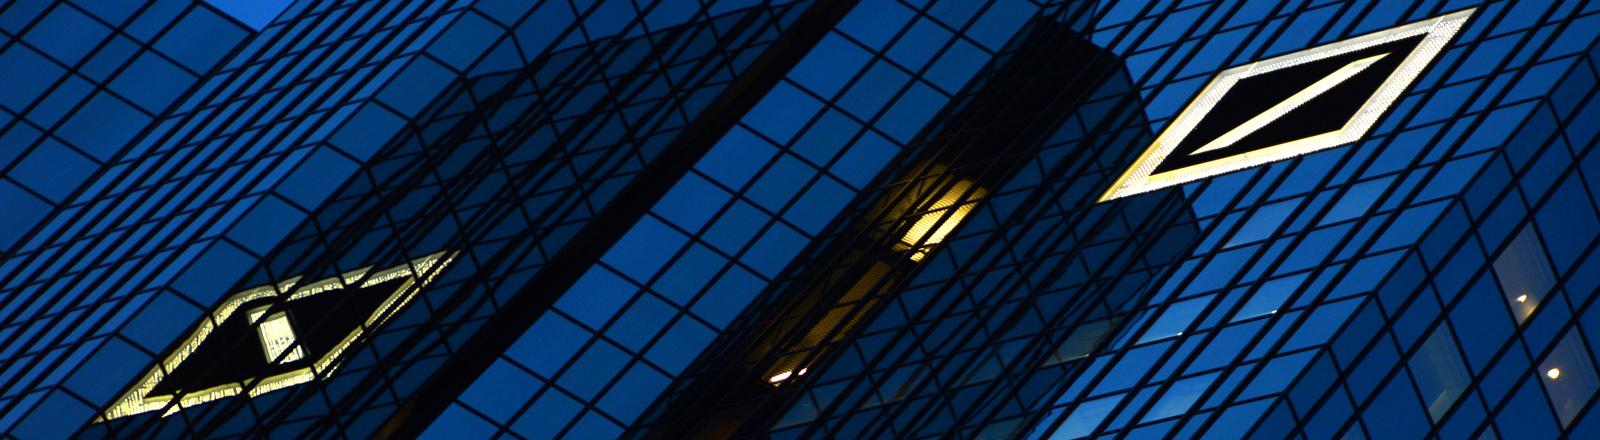 Das Logo der Deutschen Bank leuchtet am 08.01.2014 im Abendlicht auf der Fassade des größten deutschen Geldinstituts in Frankfurt am Main (Hessen).